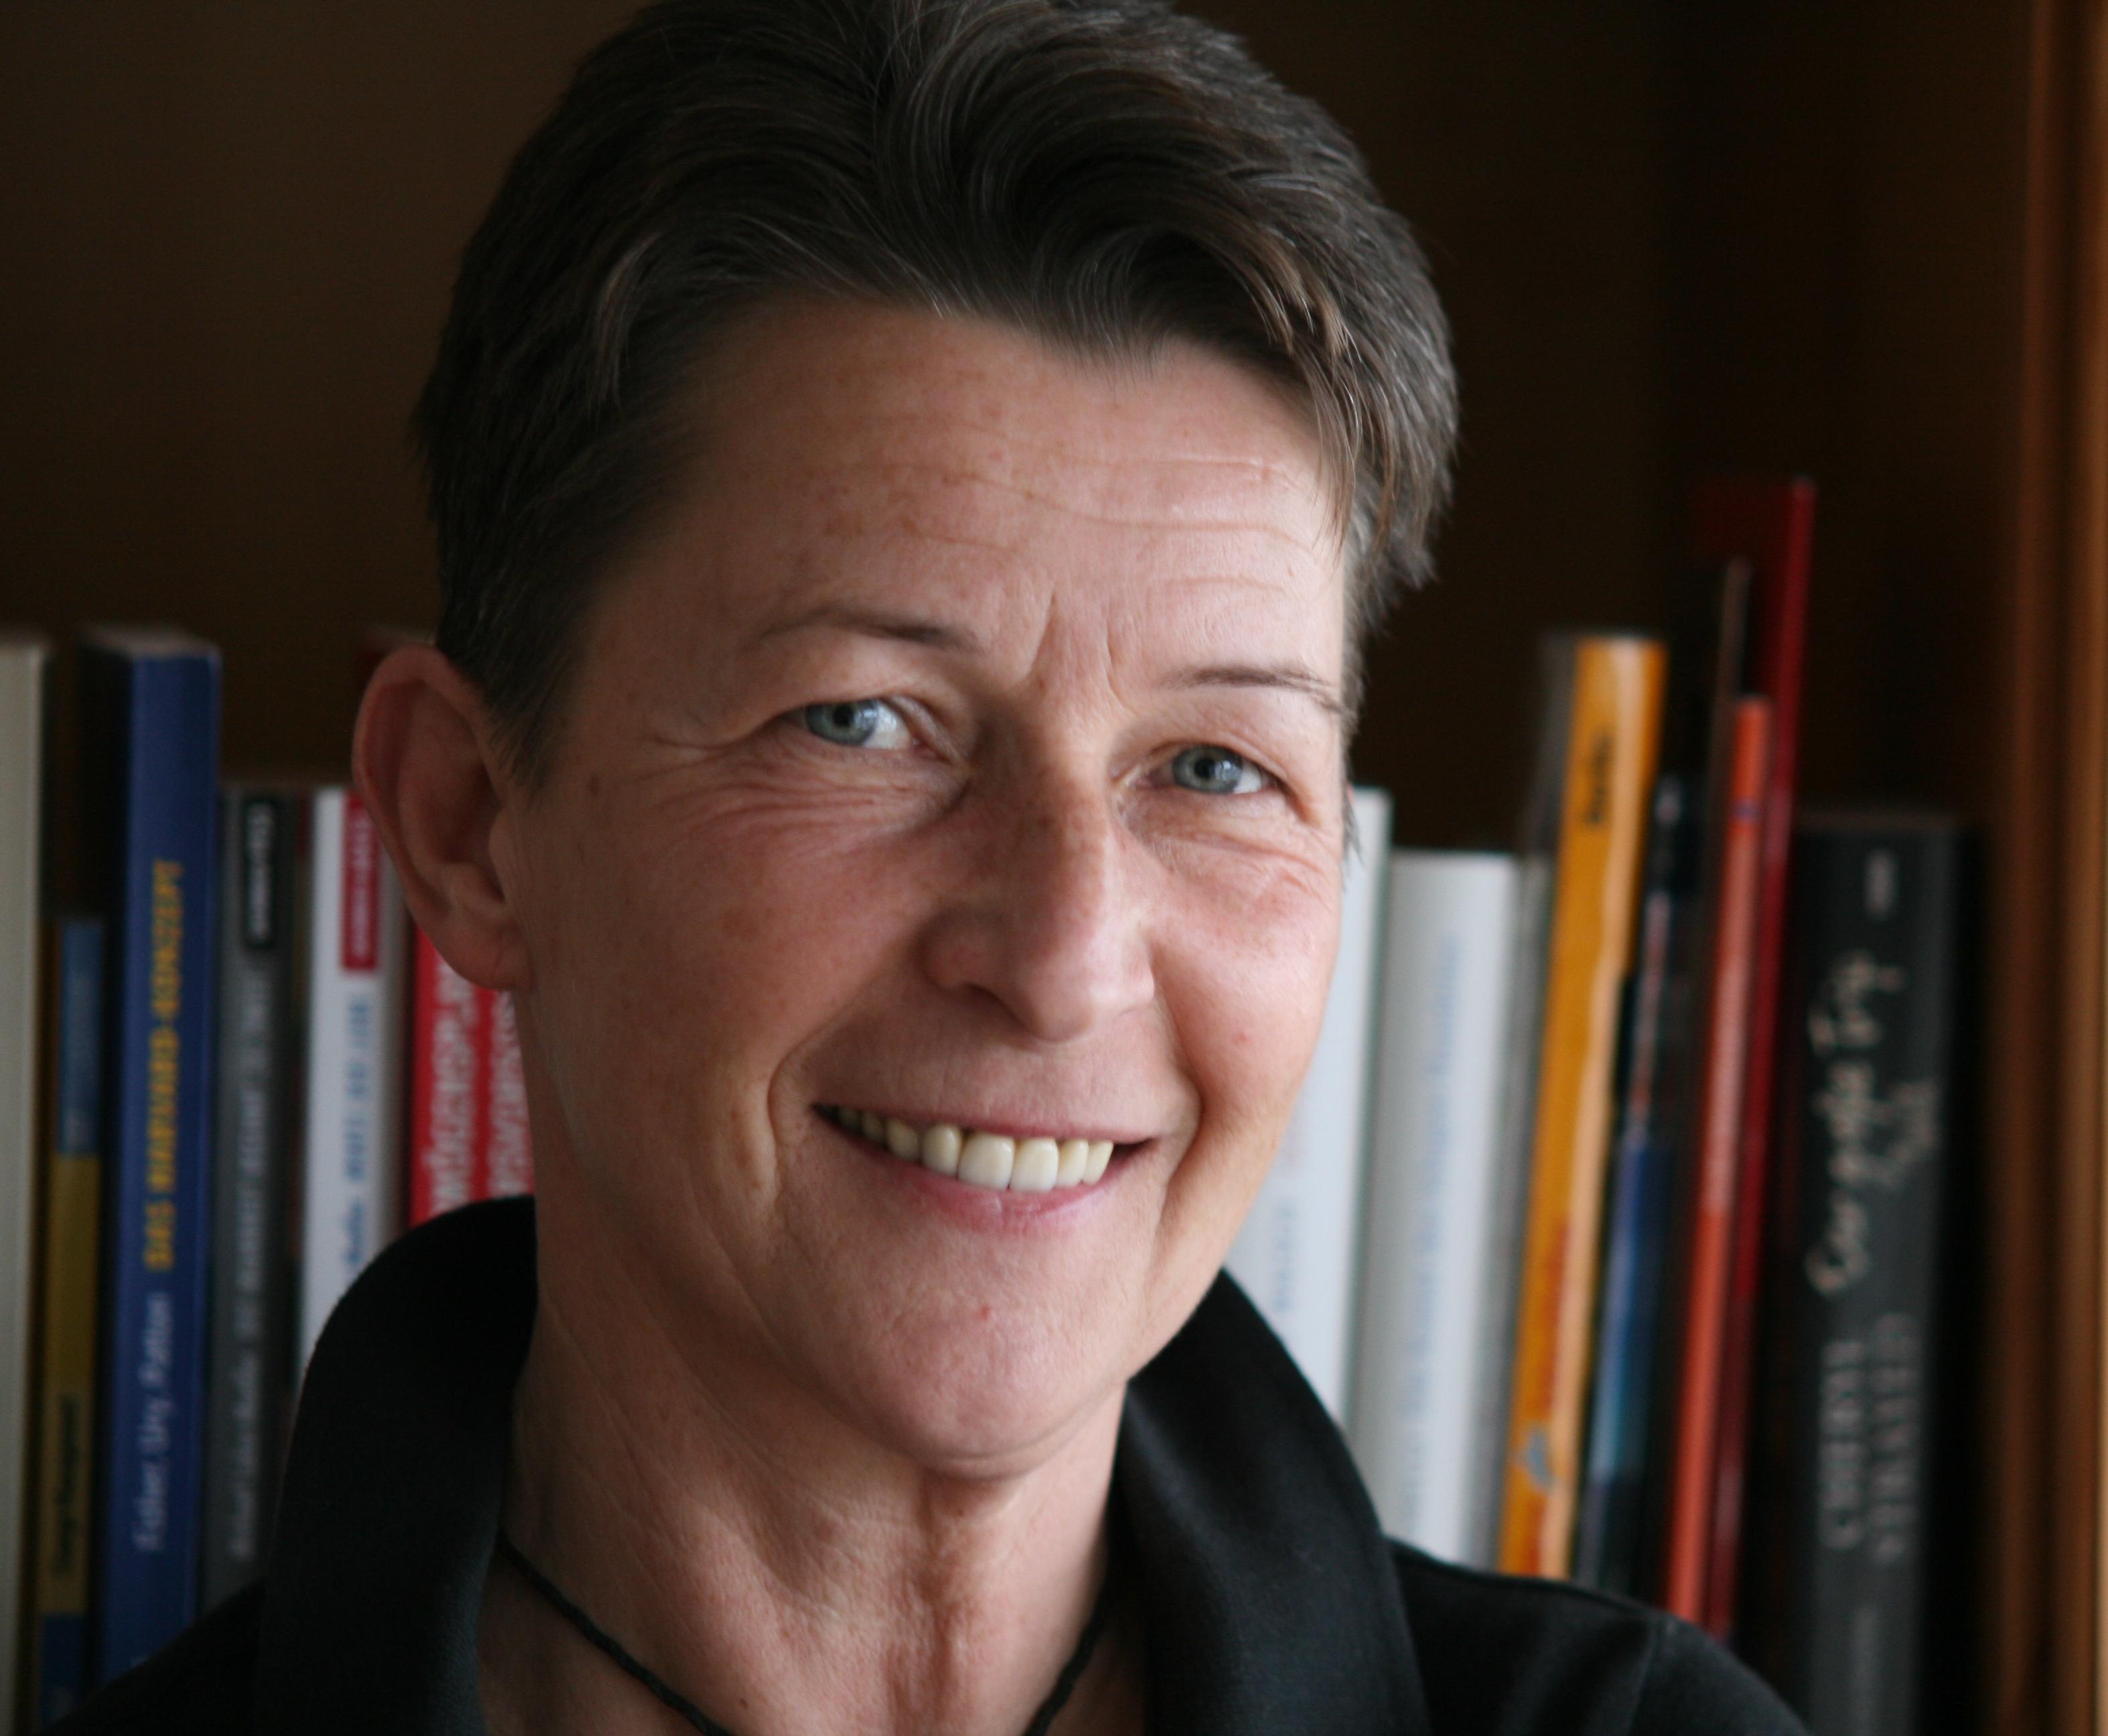 Portrait Aufraeumcoach-Rita-Schilke